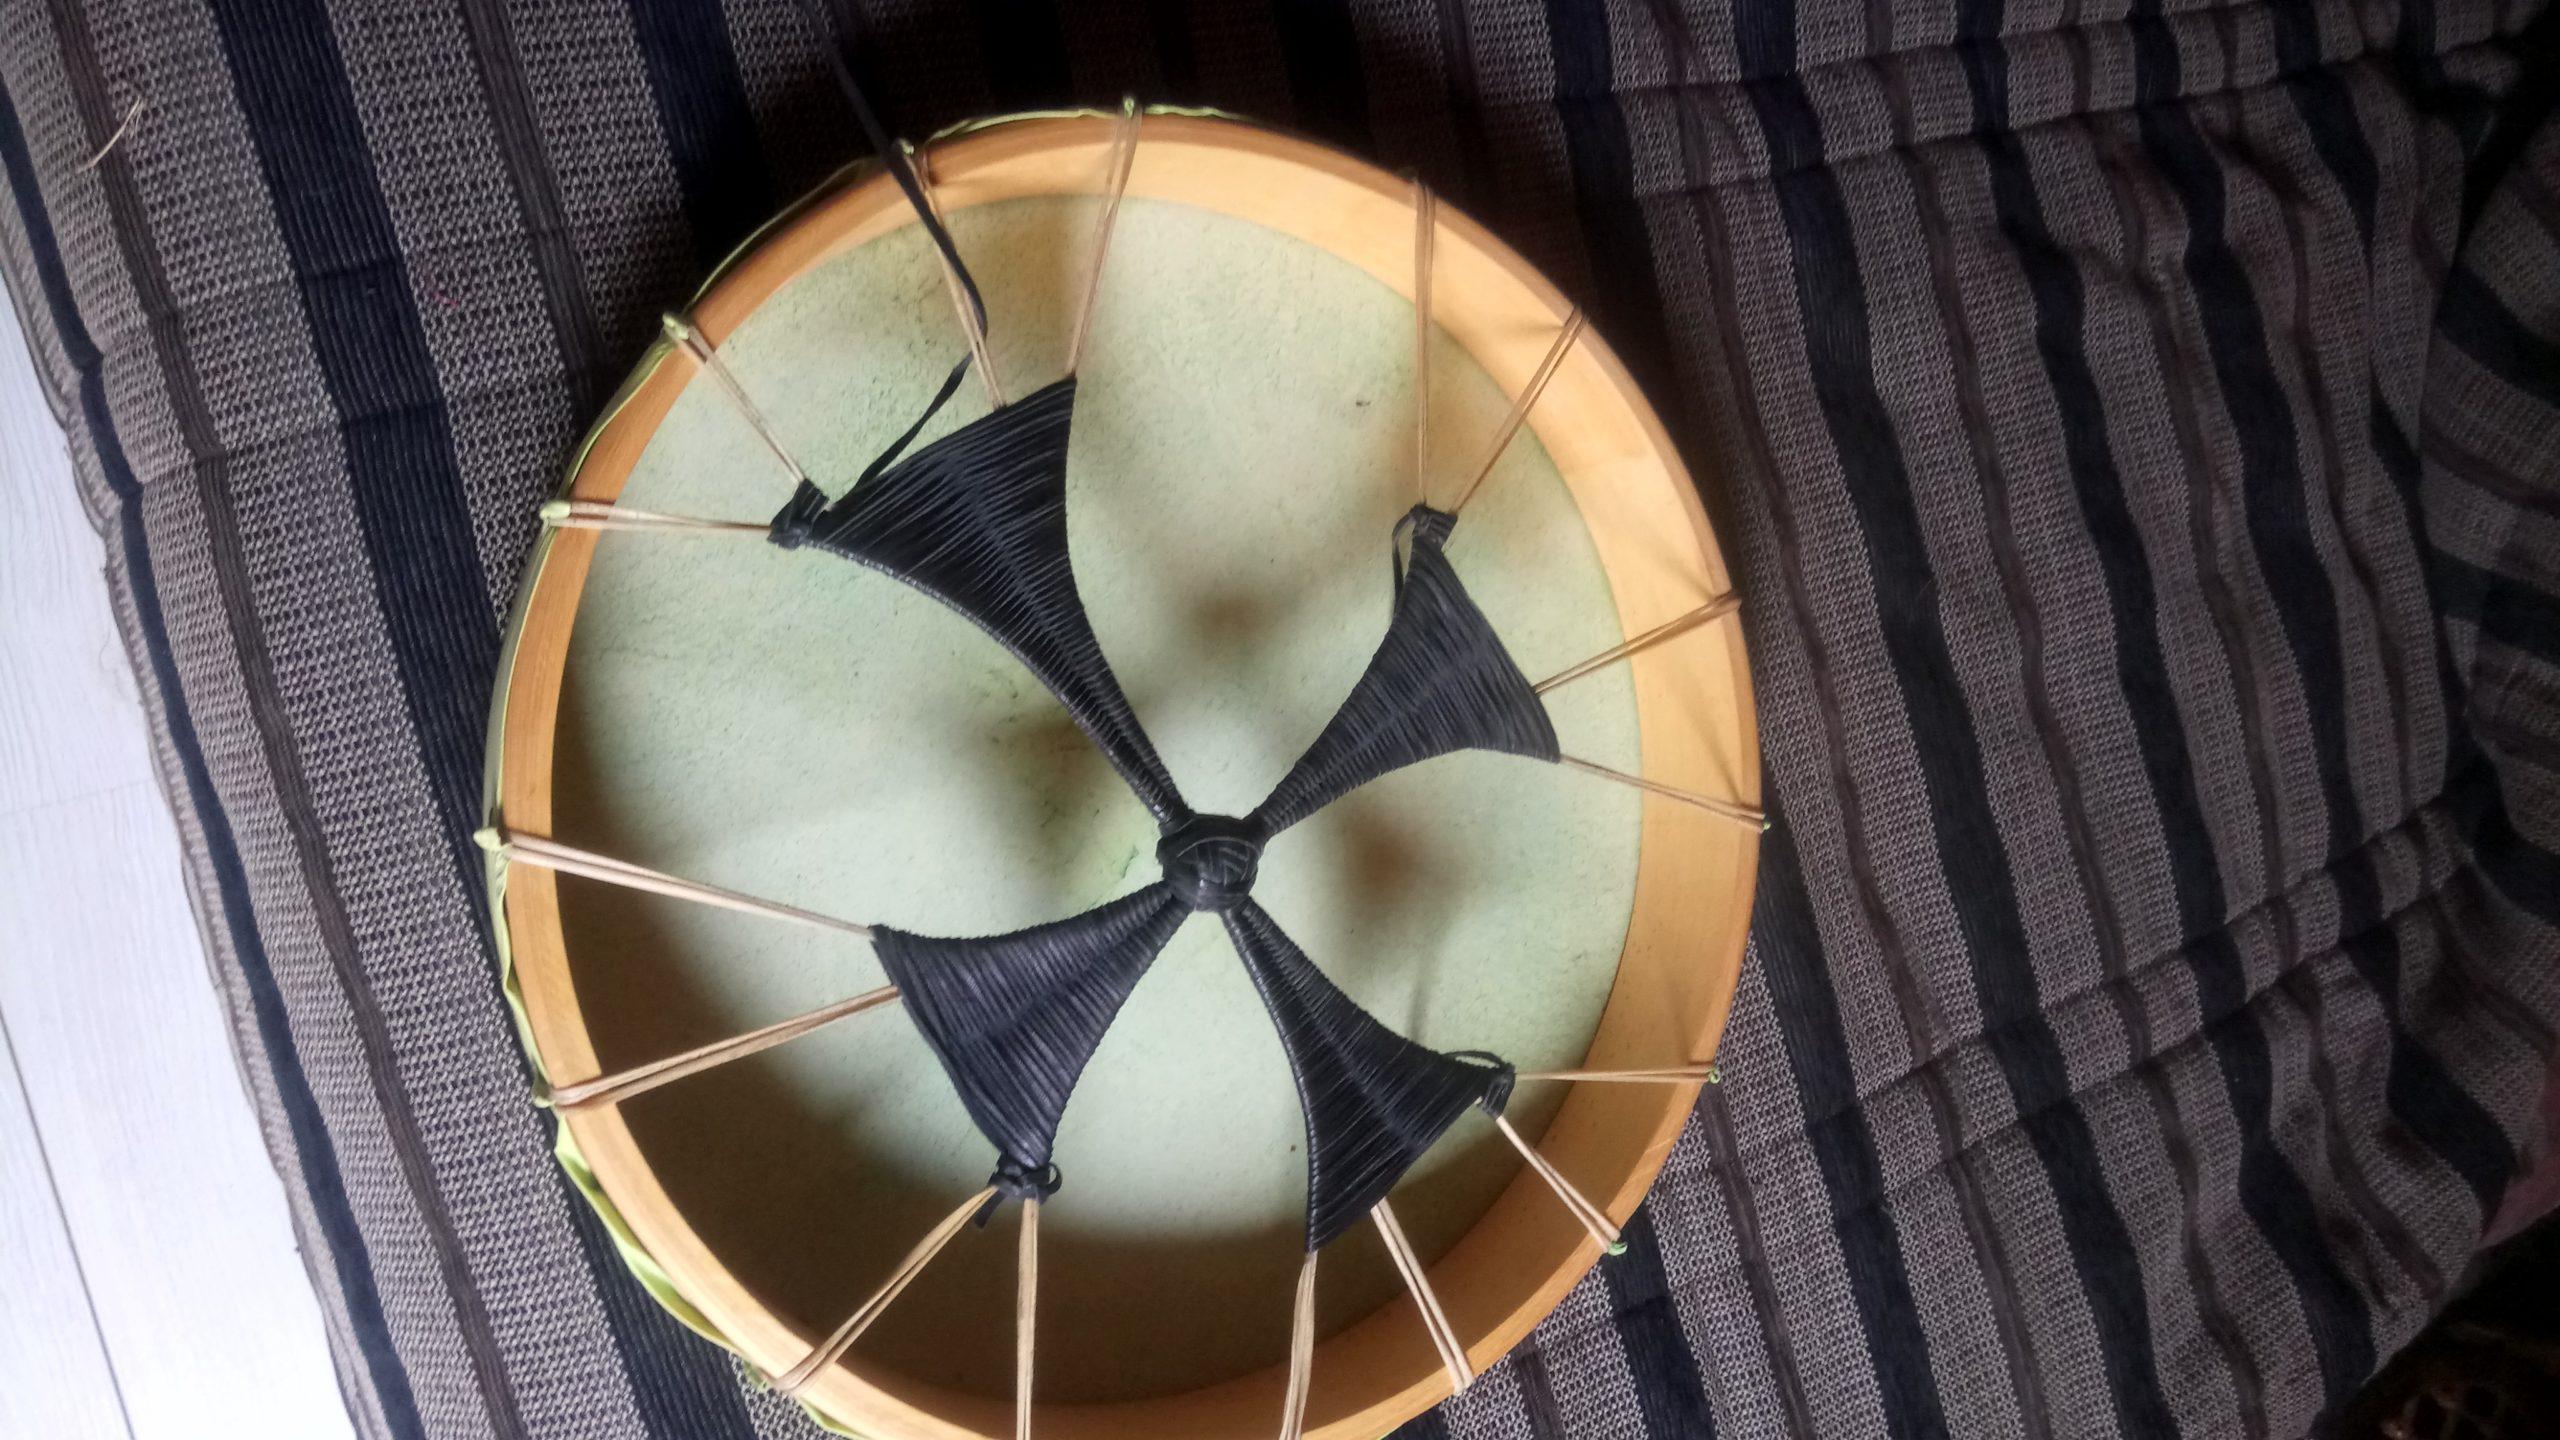 TAMBOUR SPIRALE DSC 0235 scaled - TAMBOUR CHAMANIQUE de 50cm de diamètre